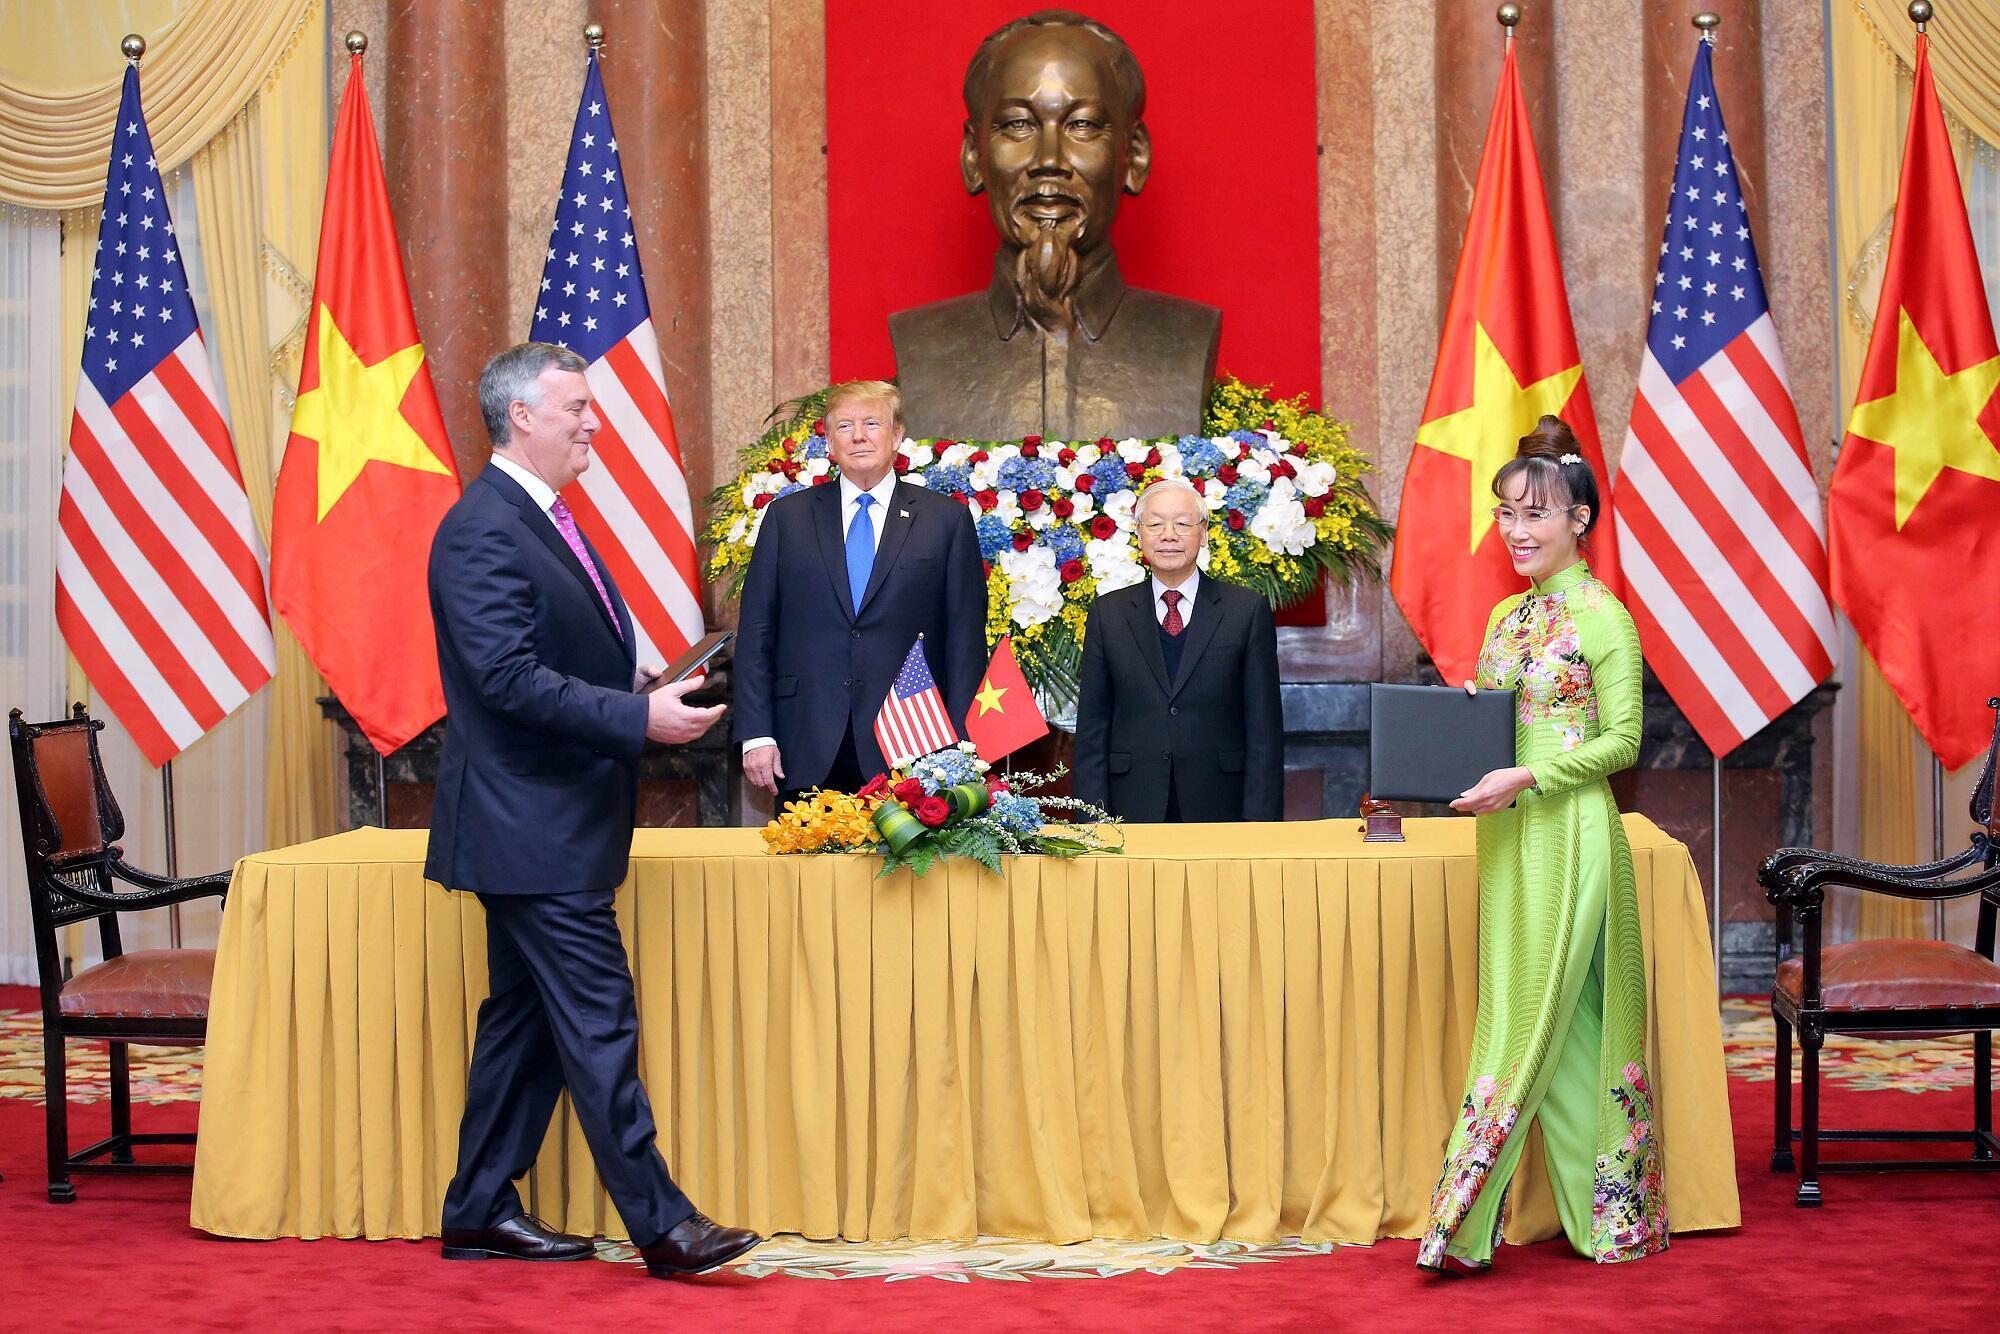 Tổng thống Mỹ Donald Trump và chủ tịch Việt Nam Nguyễn Phú Trọng chứng kiến lễ ký kết hợp đồng mua máy bay giữa Tổng giám đốc Vietjet Air, bà Nguyễn Thị Phương Thảo và ông Kevin McAllister, Chủ tịch Tập đoàn Boeing, ngày 27/02/2019.